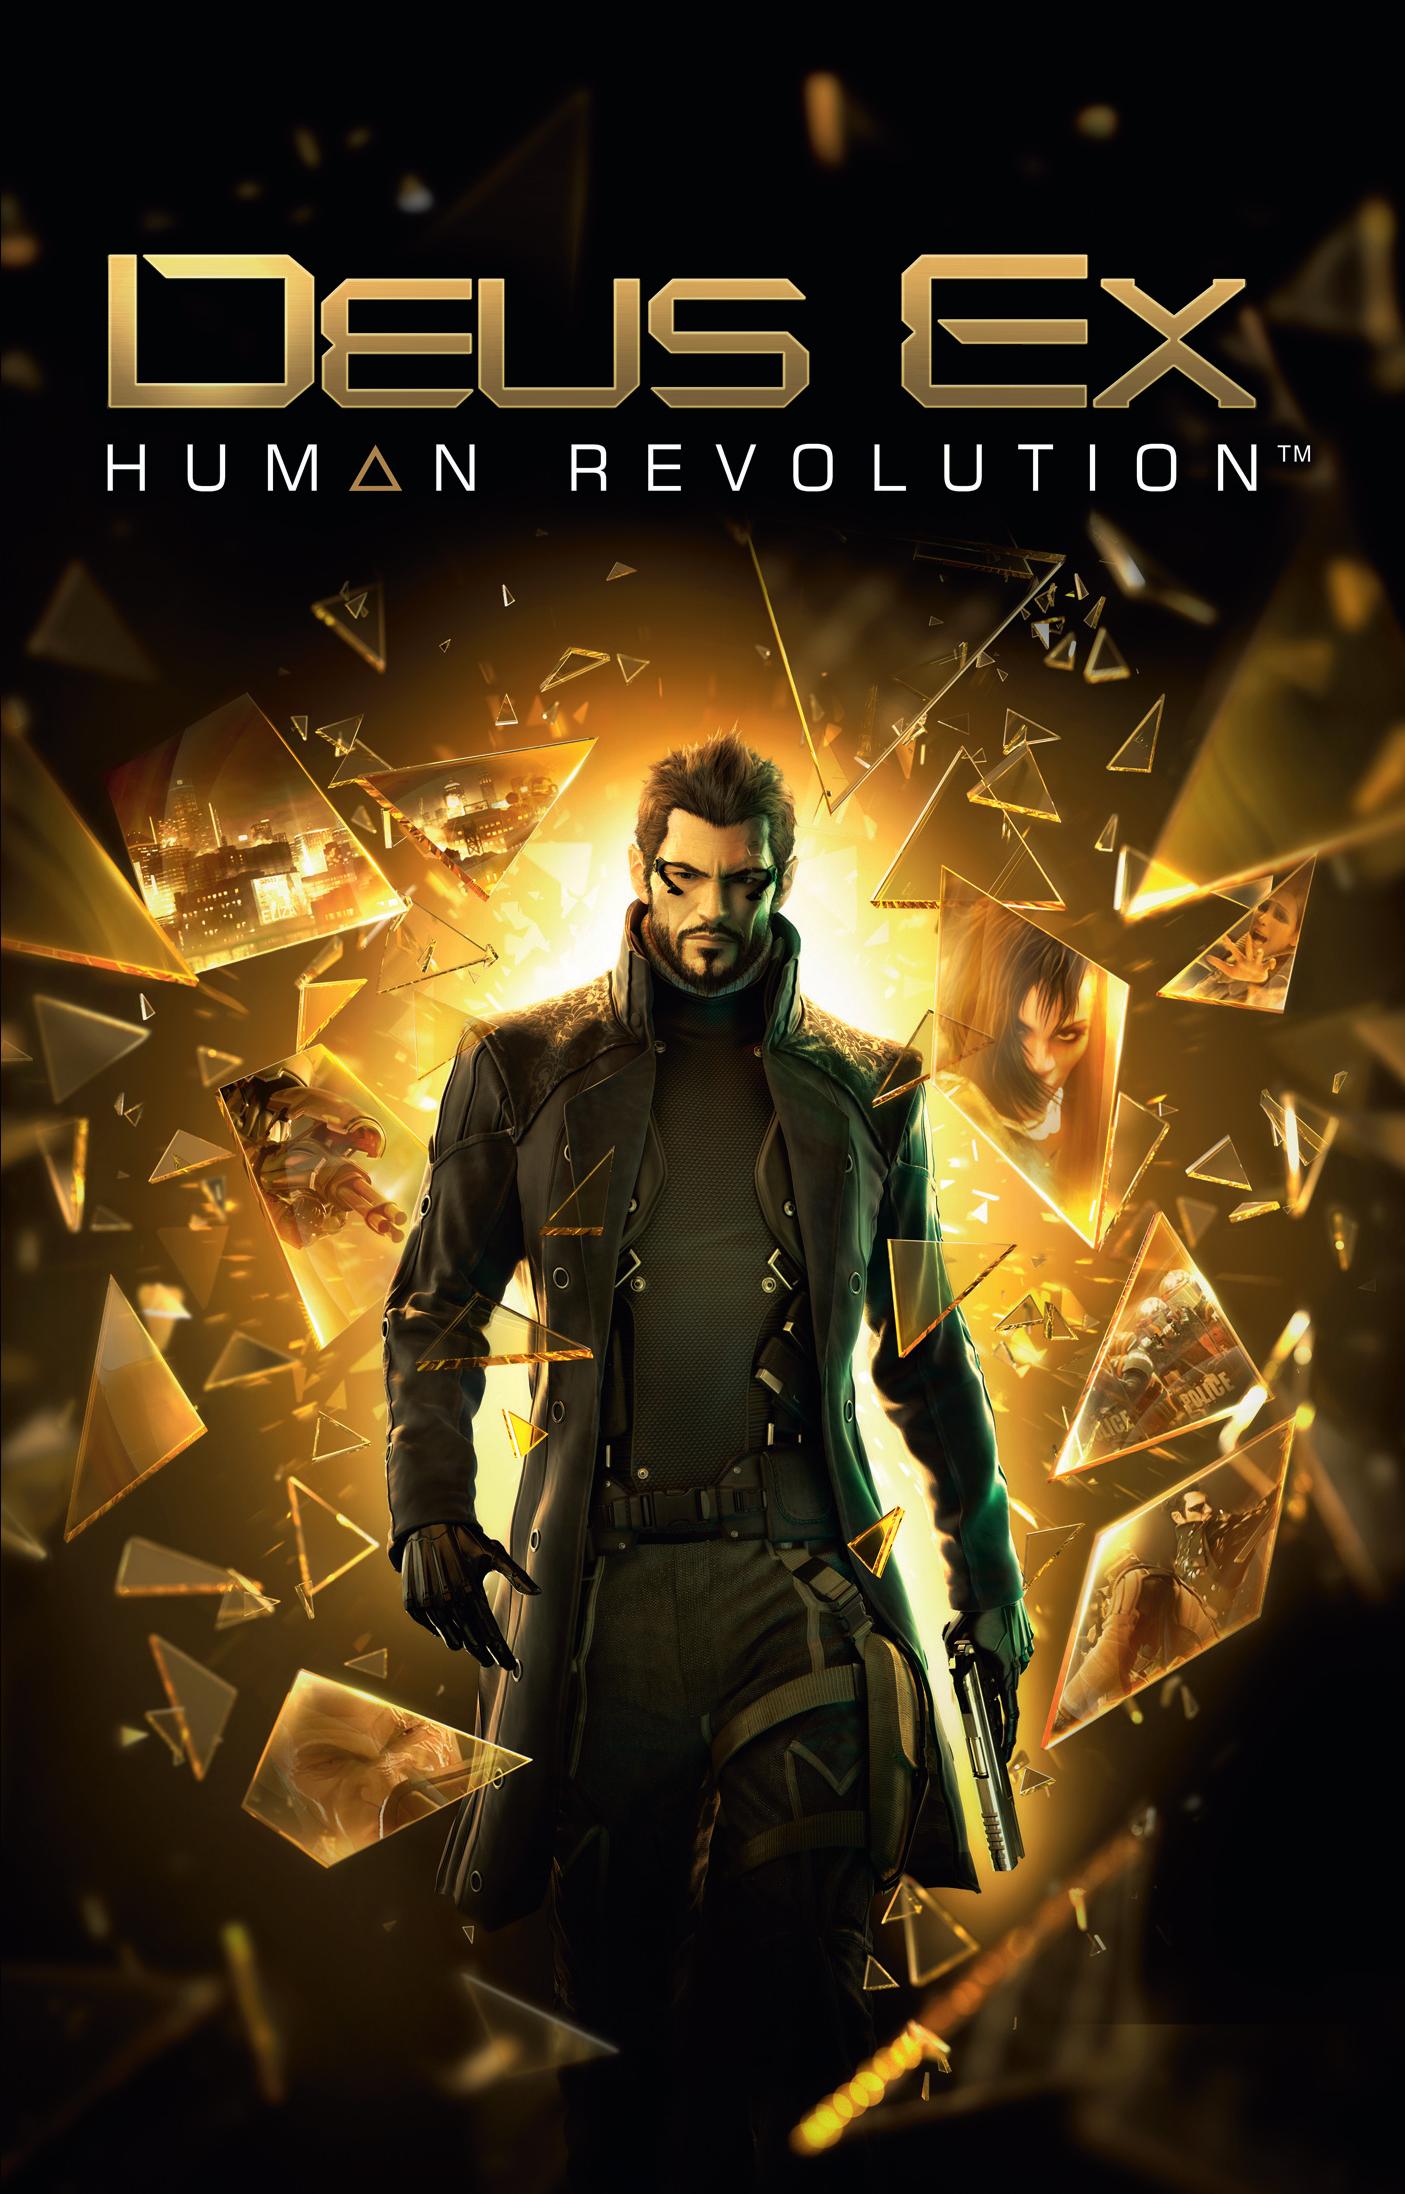 Deus Ex Human Revolution -_- PREMIUM - 2011 - Iso   Repack DeusExHumanRevolutionCover.png